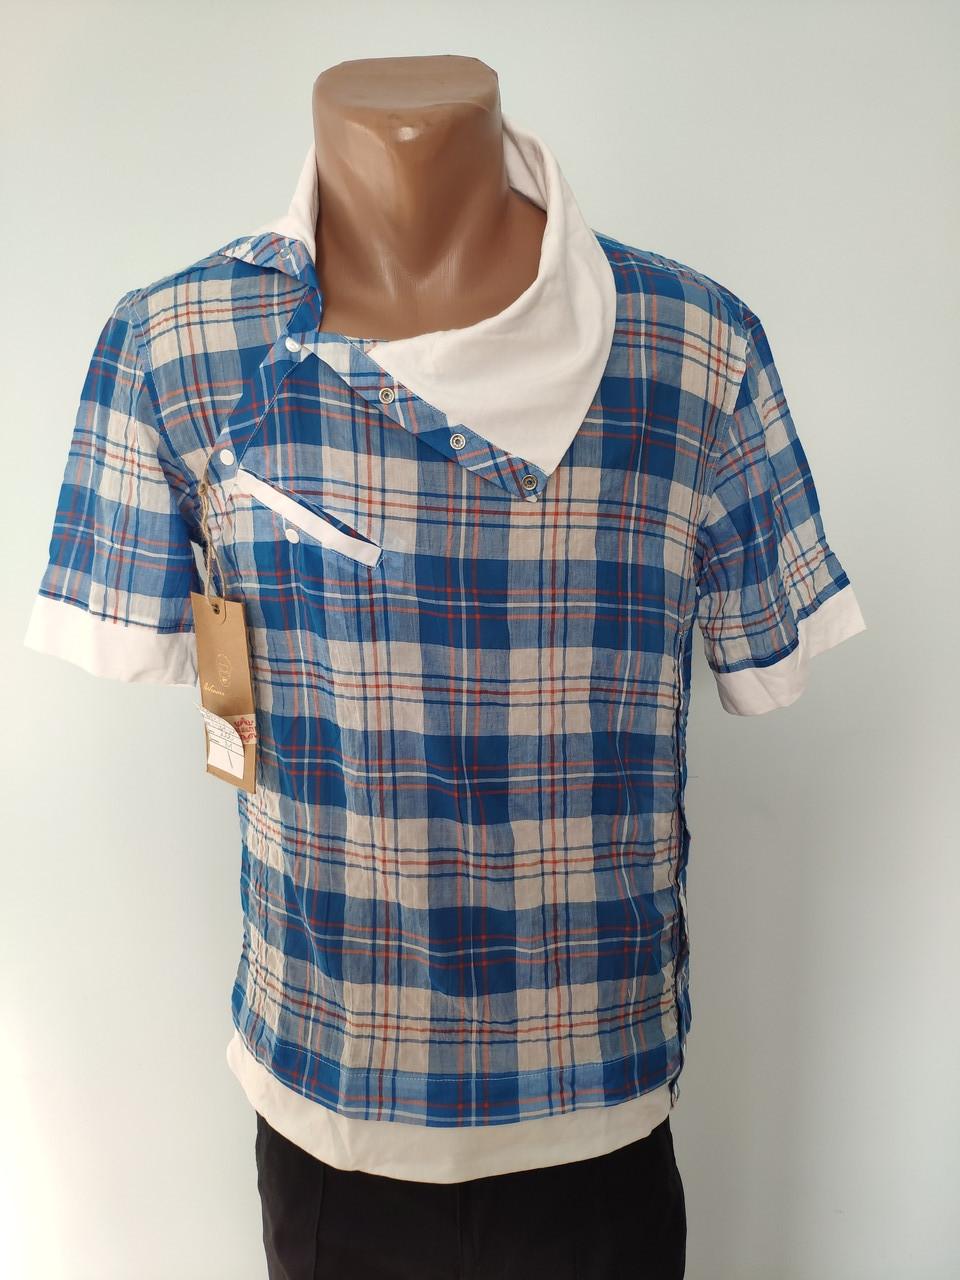 Рубашка мужская летняя коттоновая брендовая высокого качества WEAWER, Турция